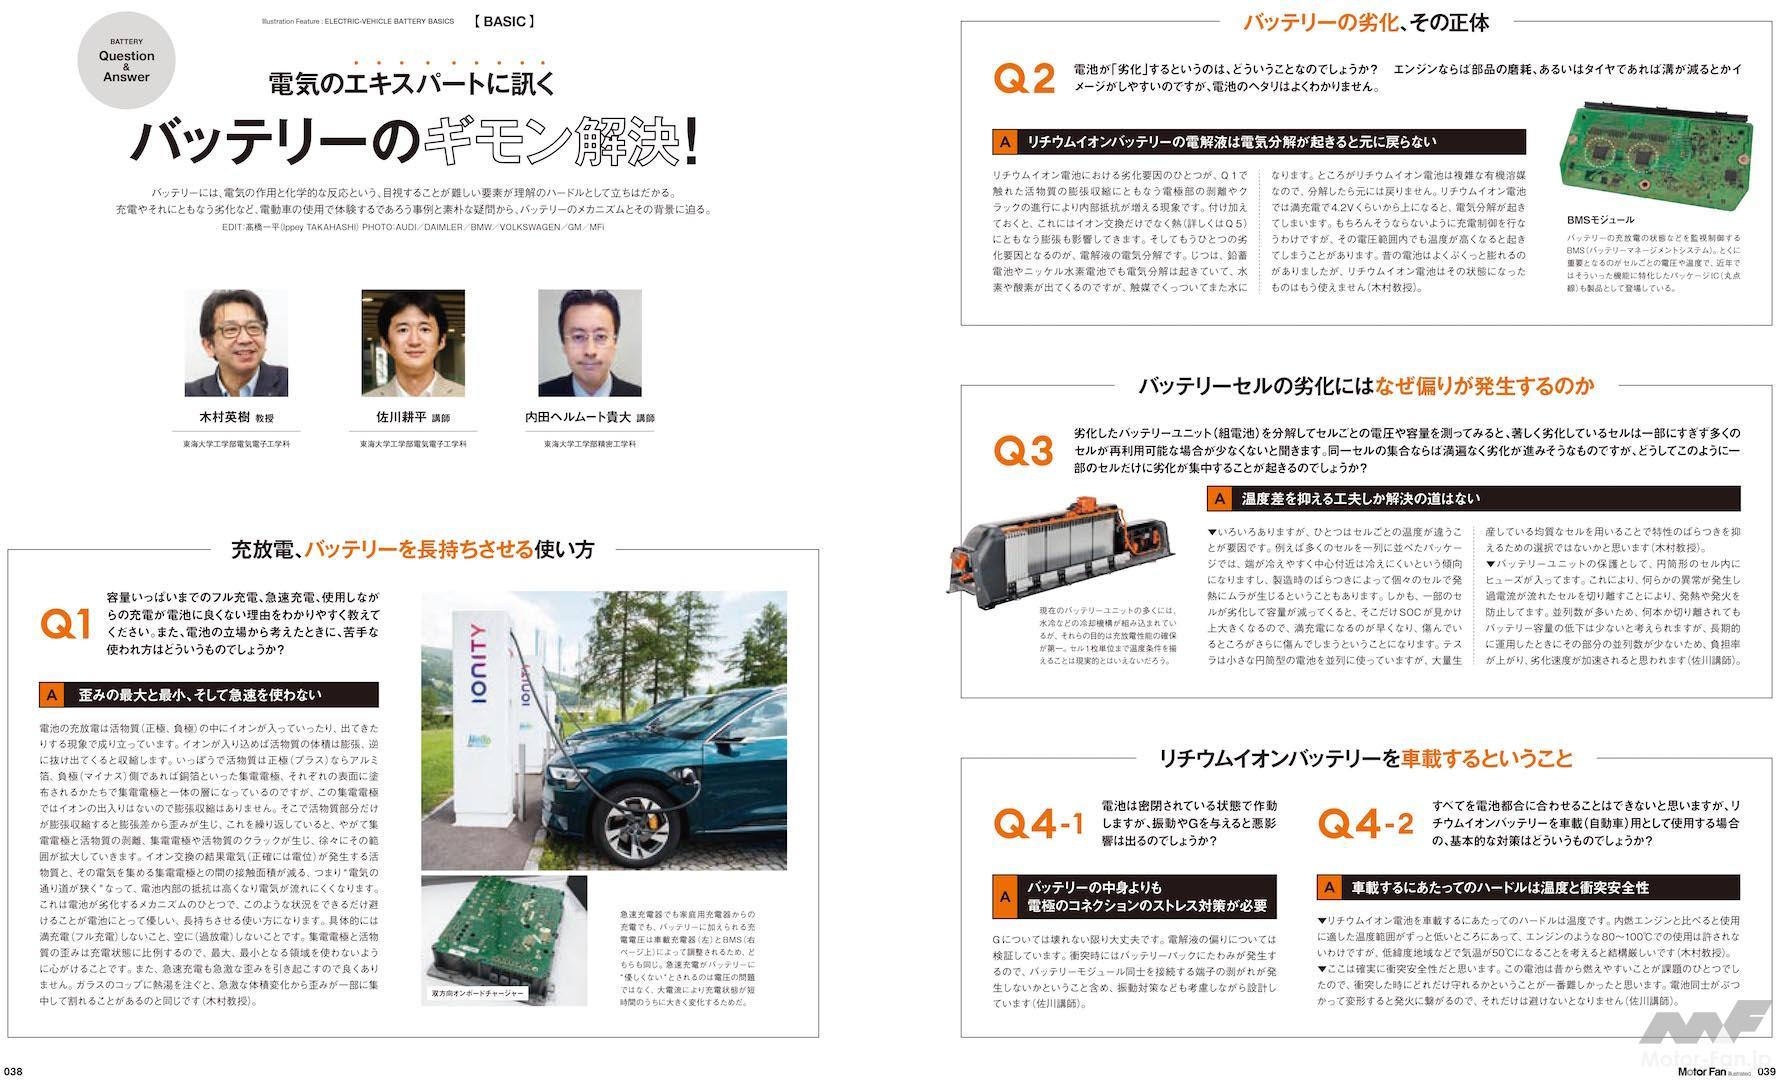 「リチウムイオンバッテリー、全固体電池、急速充電 etc……2021年現在の電池事情を探る:MFi178特集「よくわかるバッテリー」」の4枚目の画像